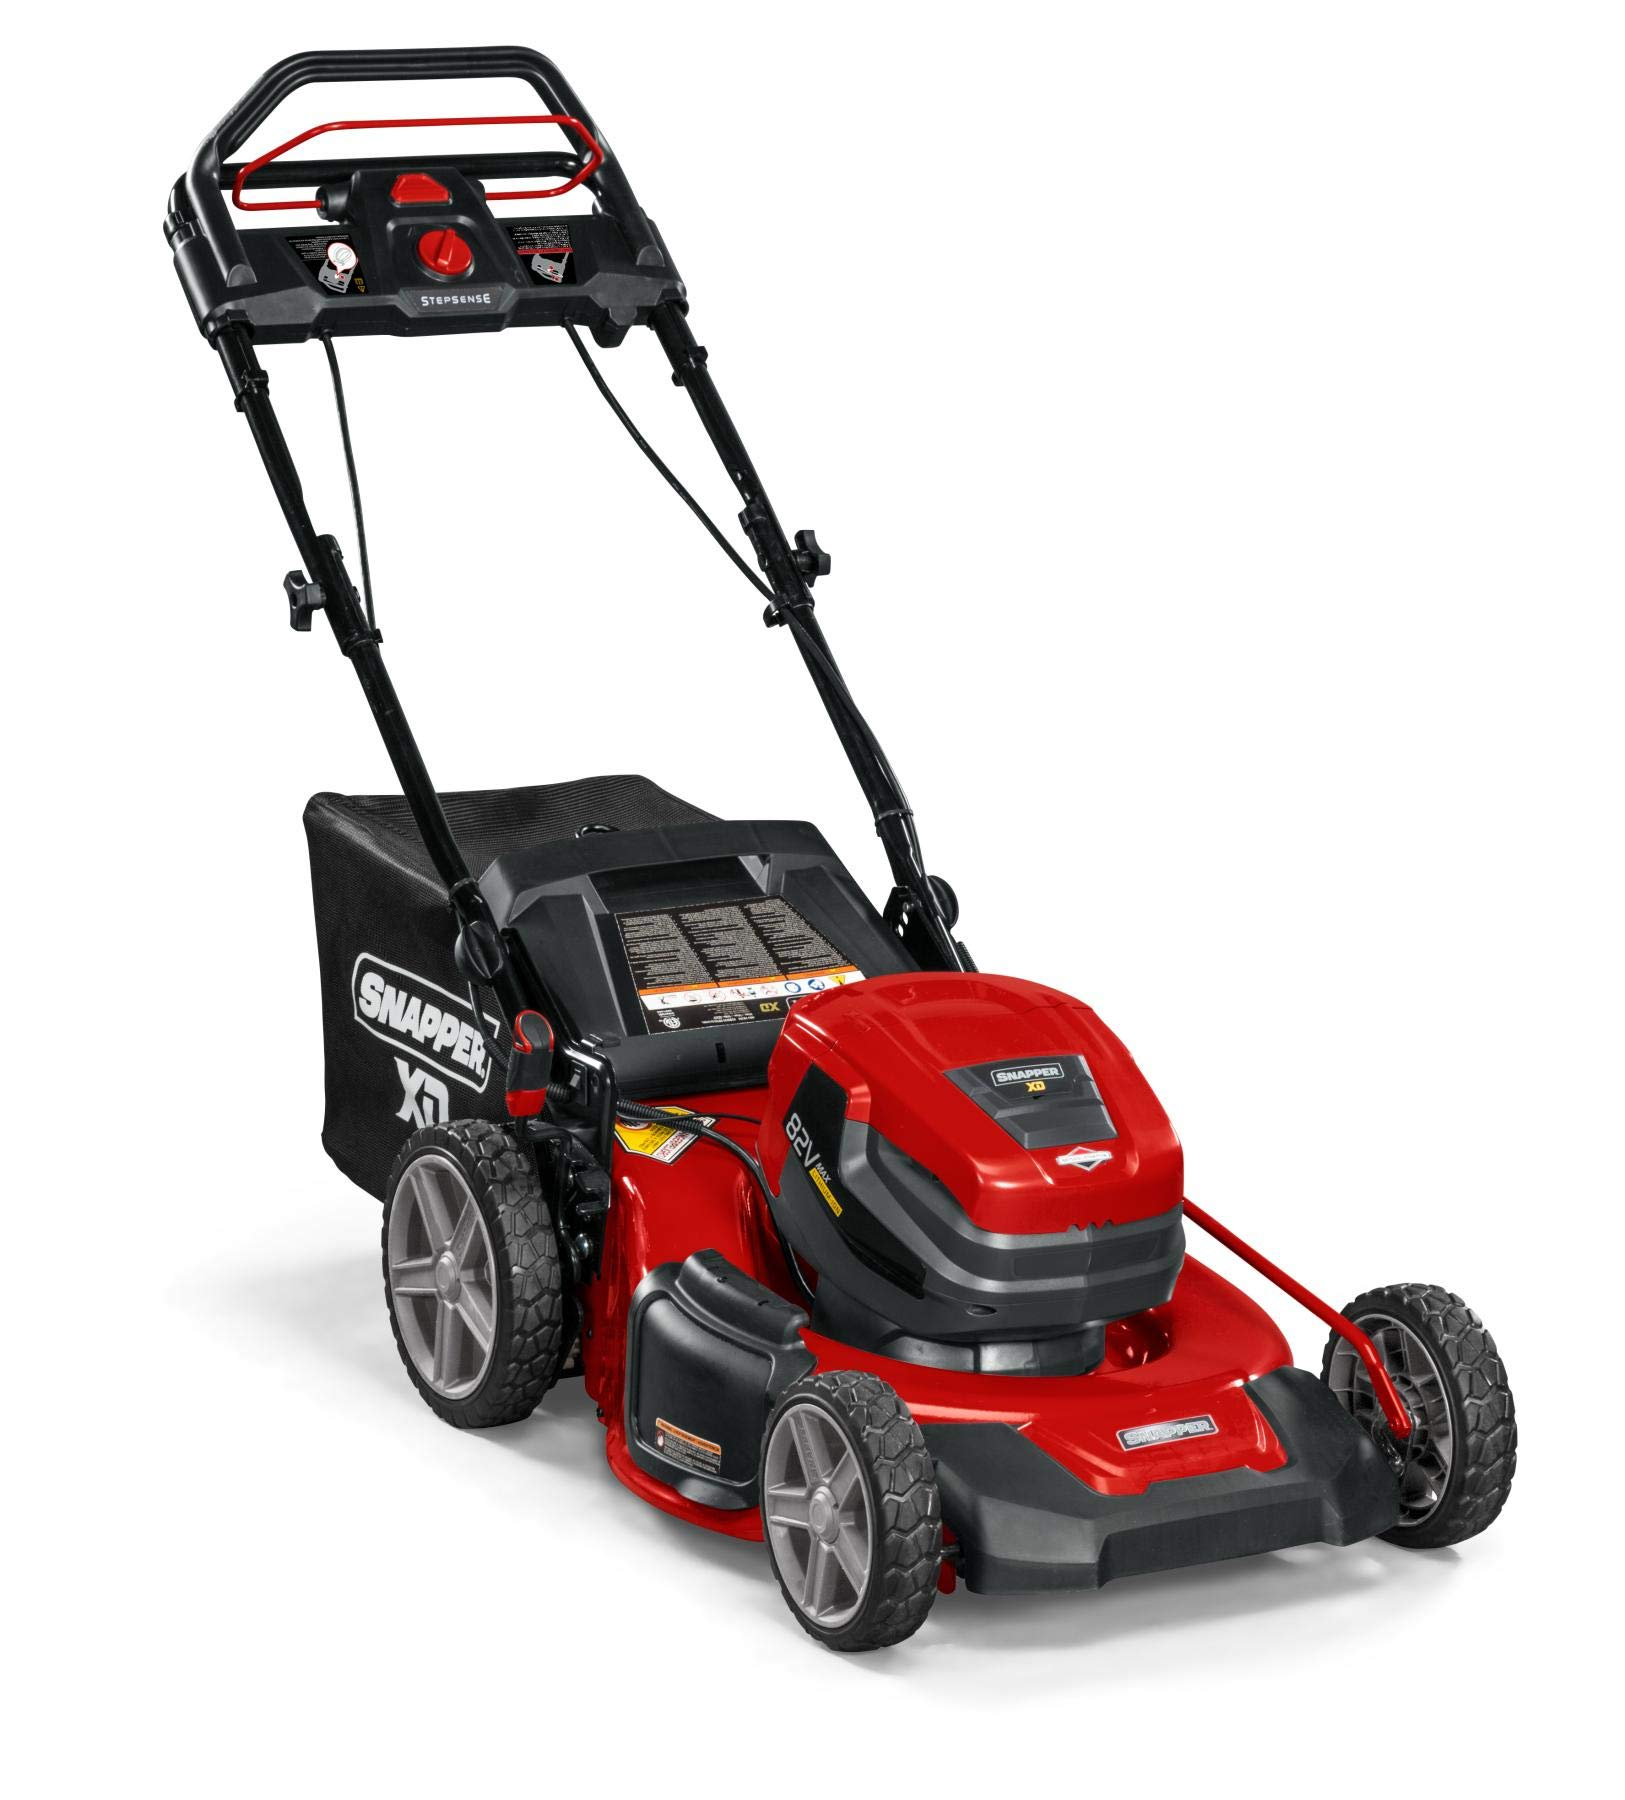 Snapper StepSense Lawnmower 1687982 SXD21SSWM82K